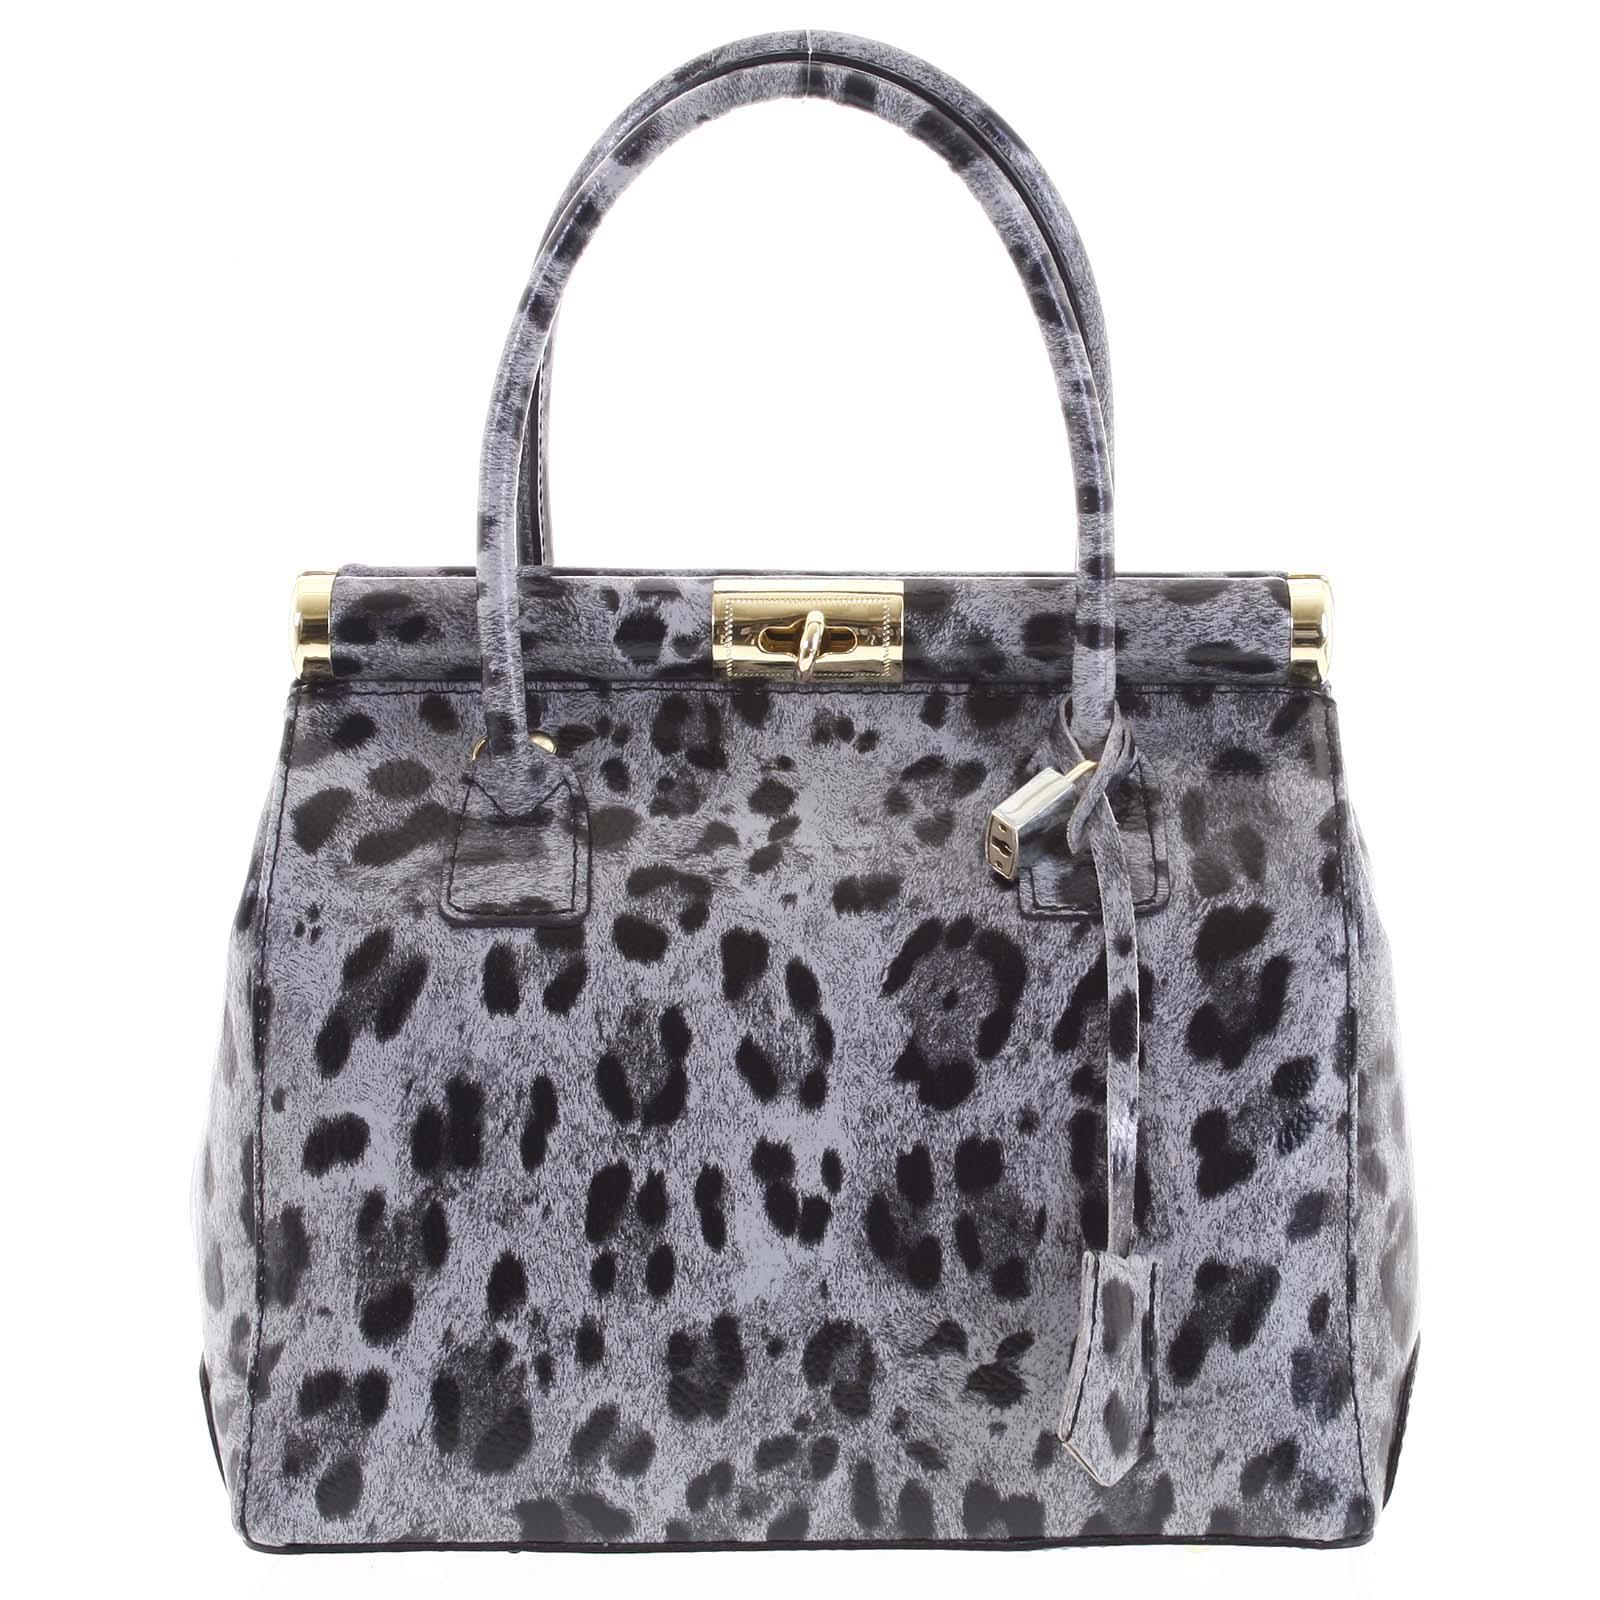 Luxusná dámska kožená kabelka do ruky sivá - ItalY Hyla Jaguar šedá